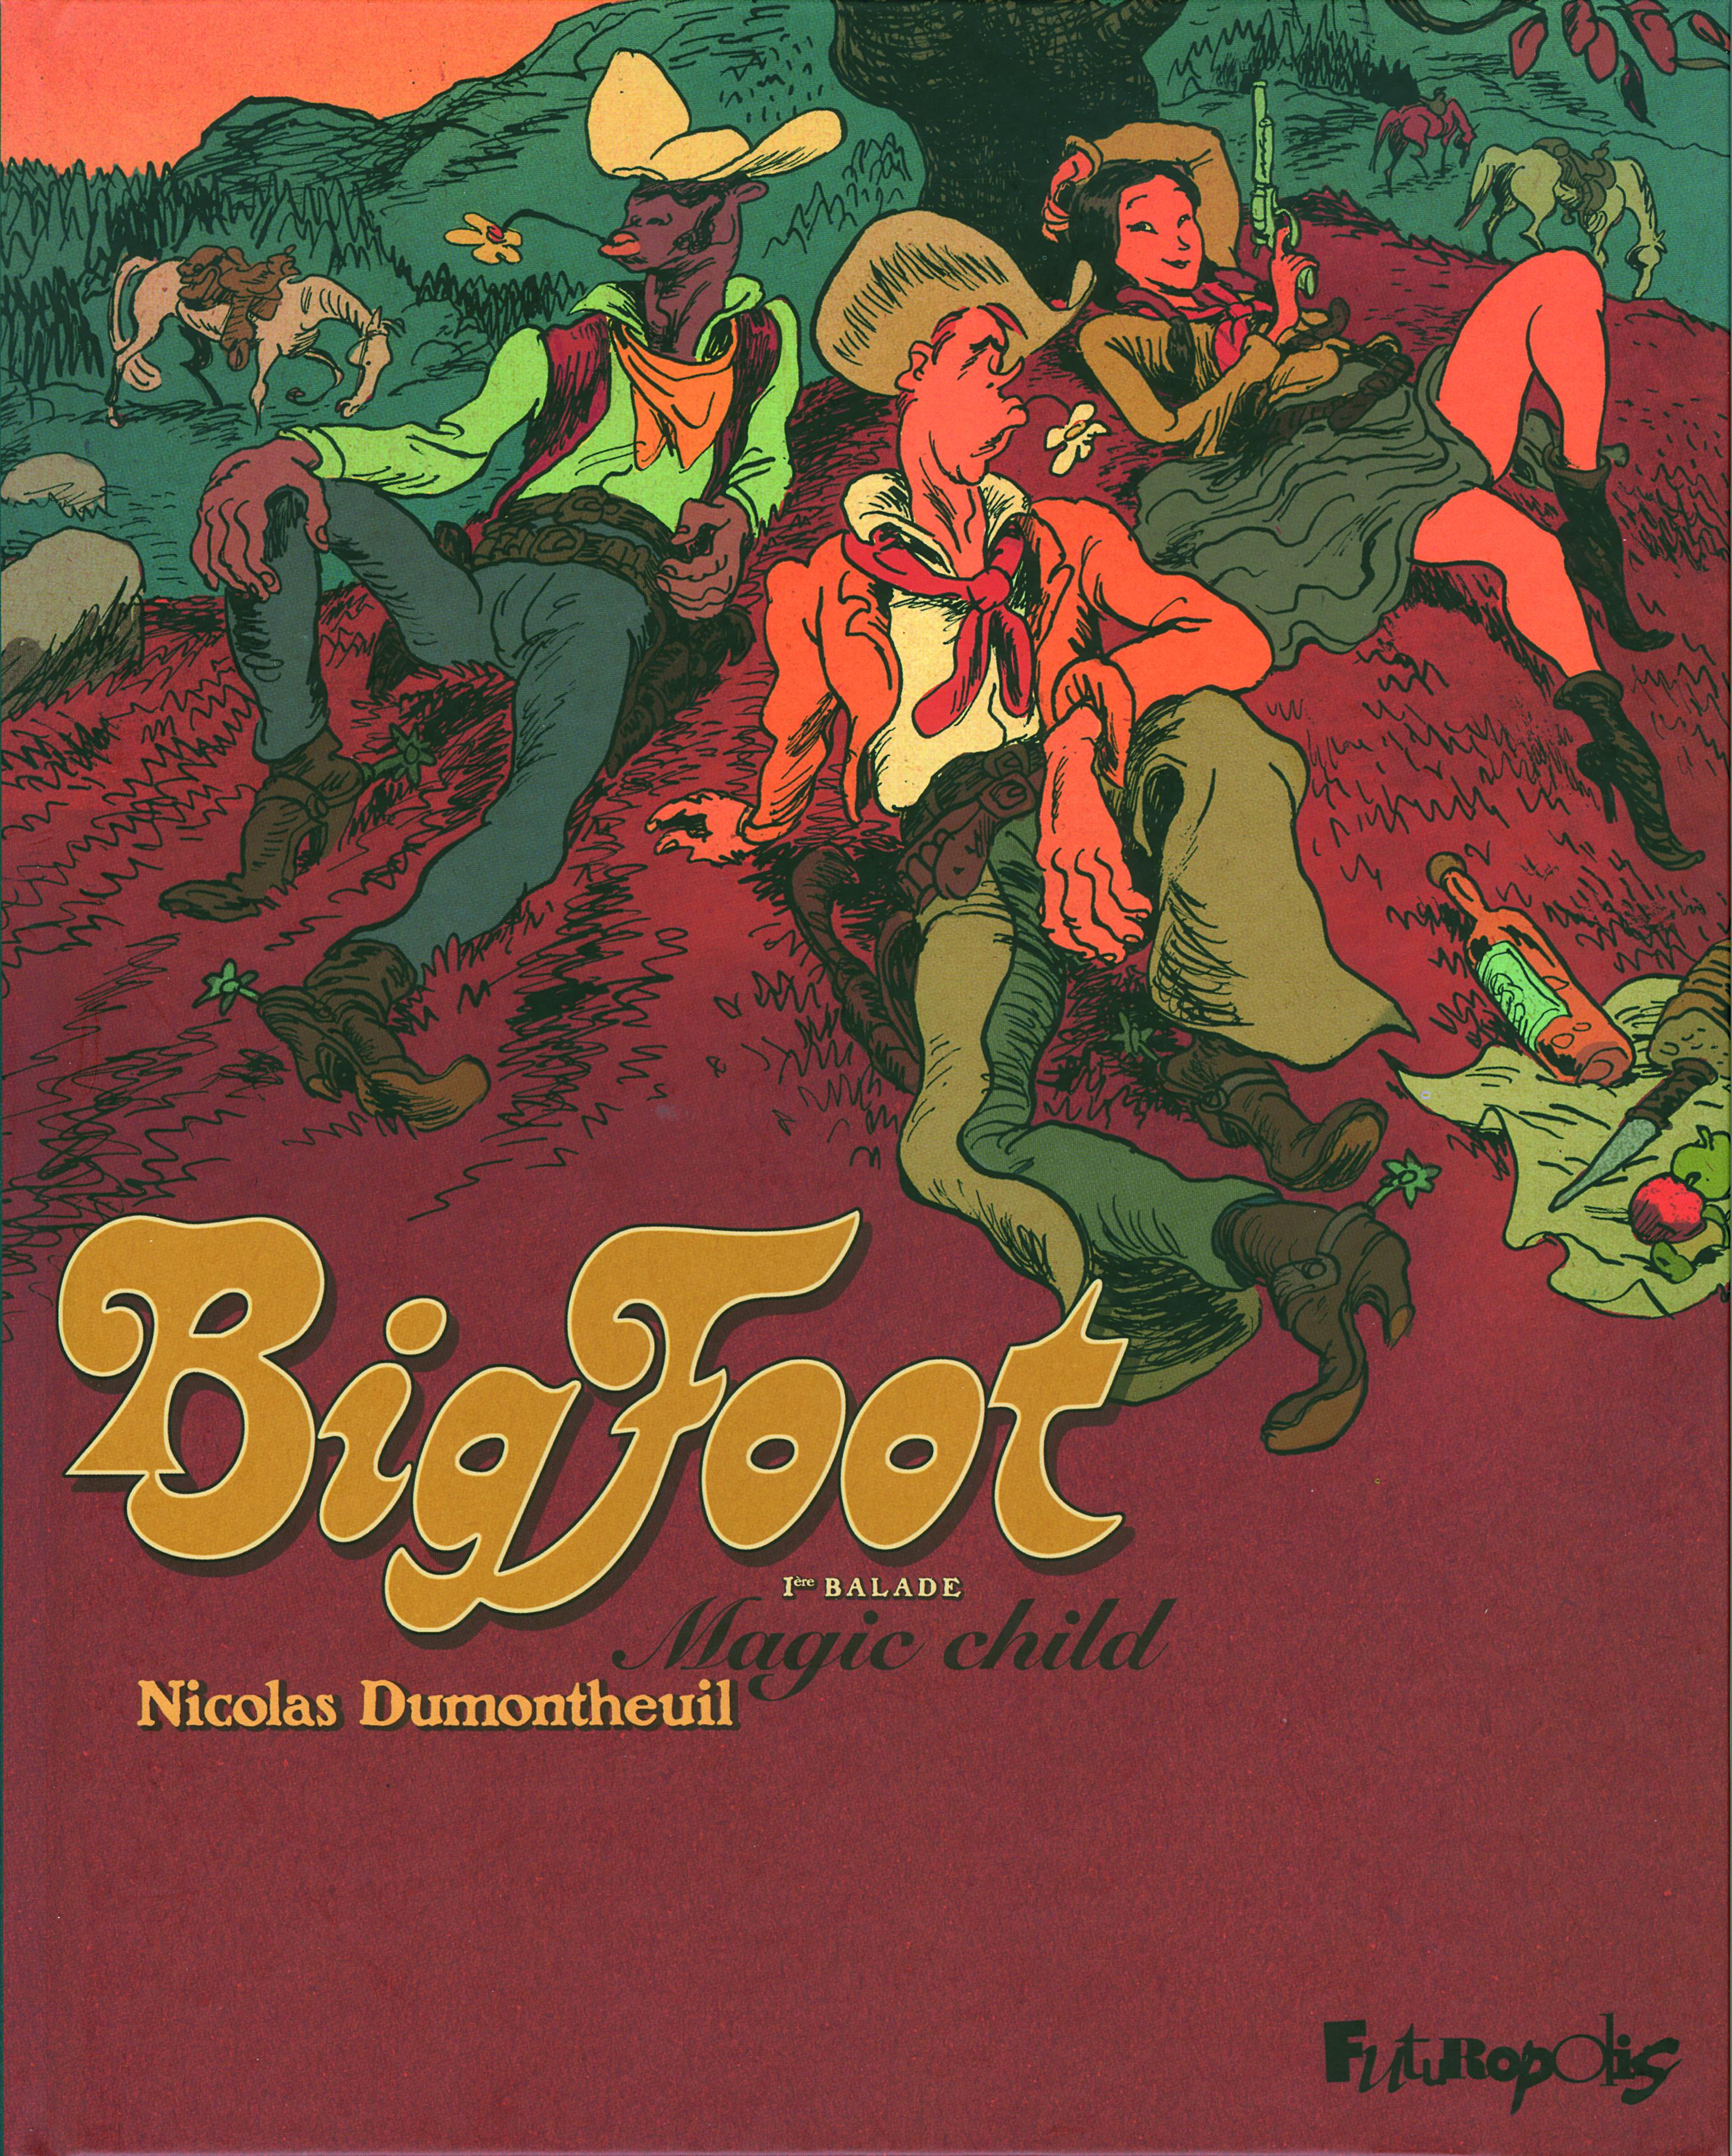 BIG FOOT T1